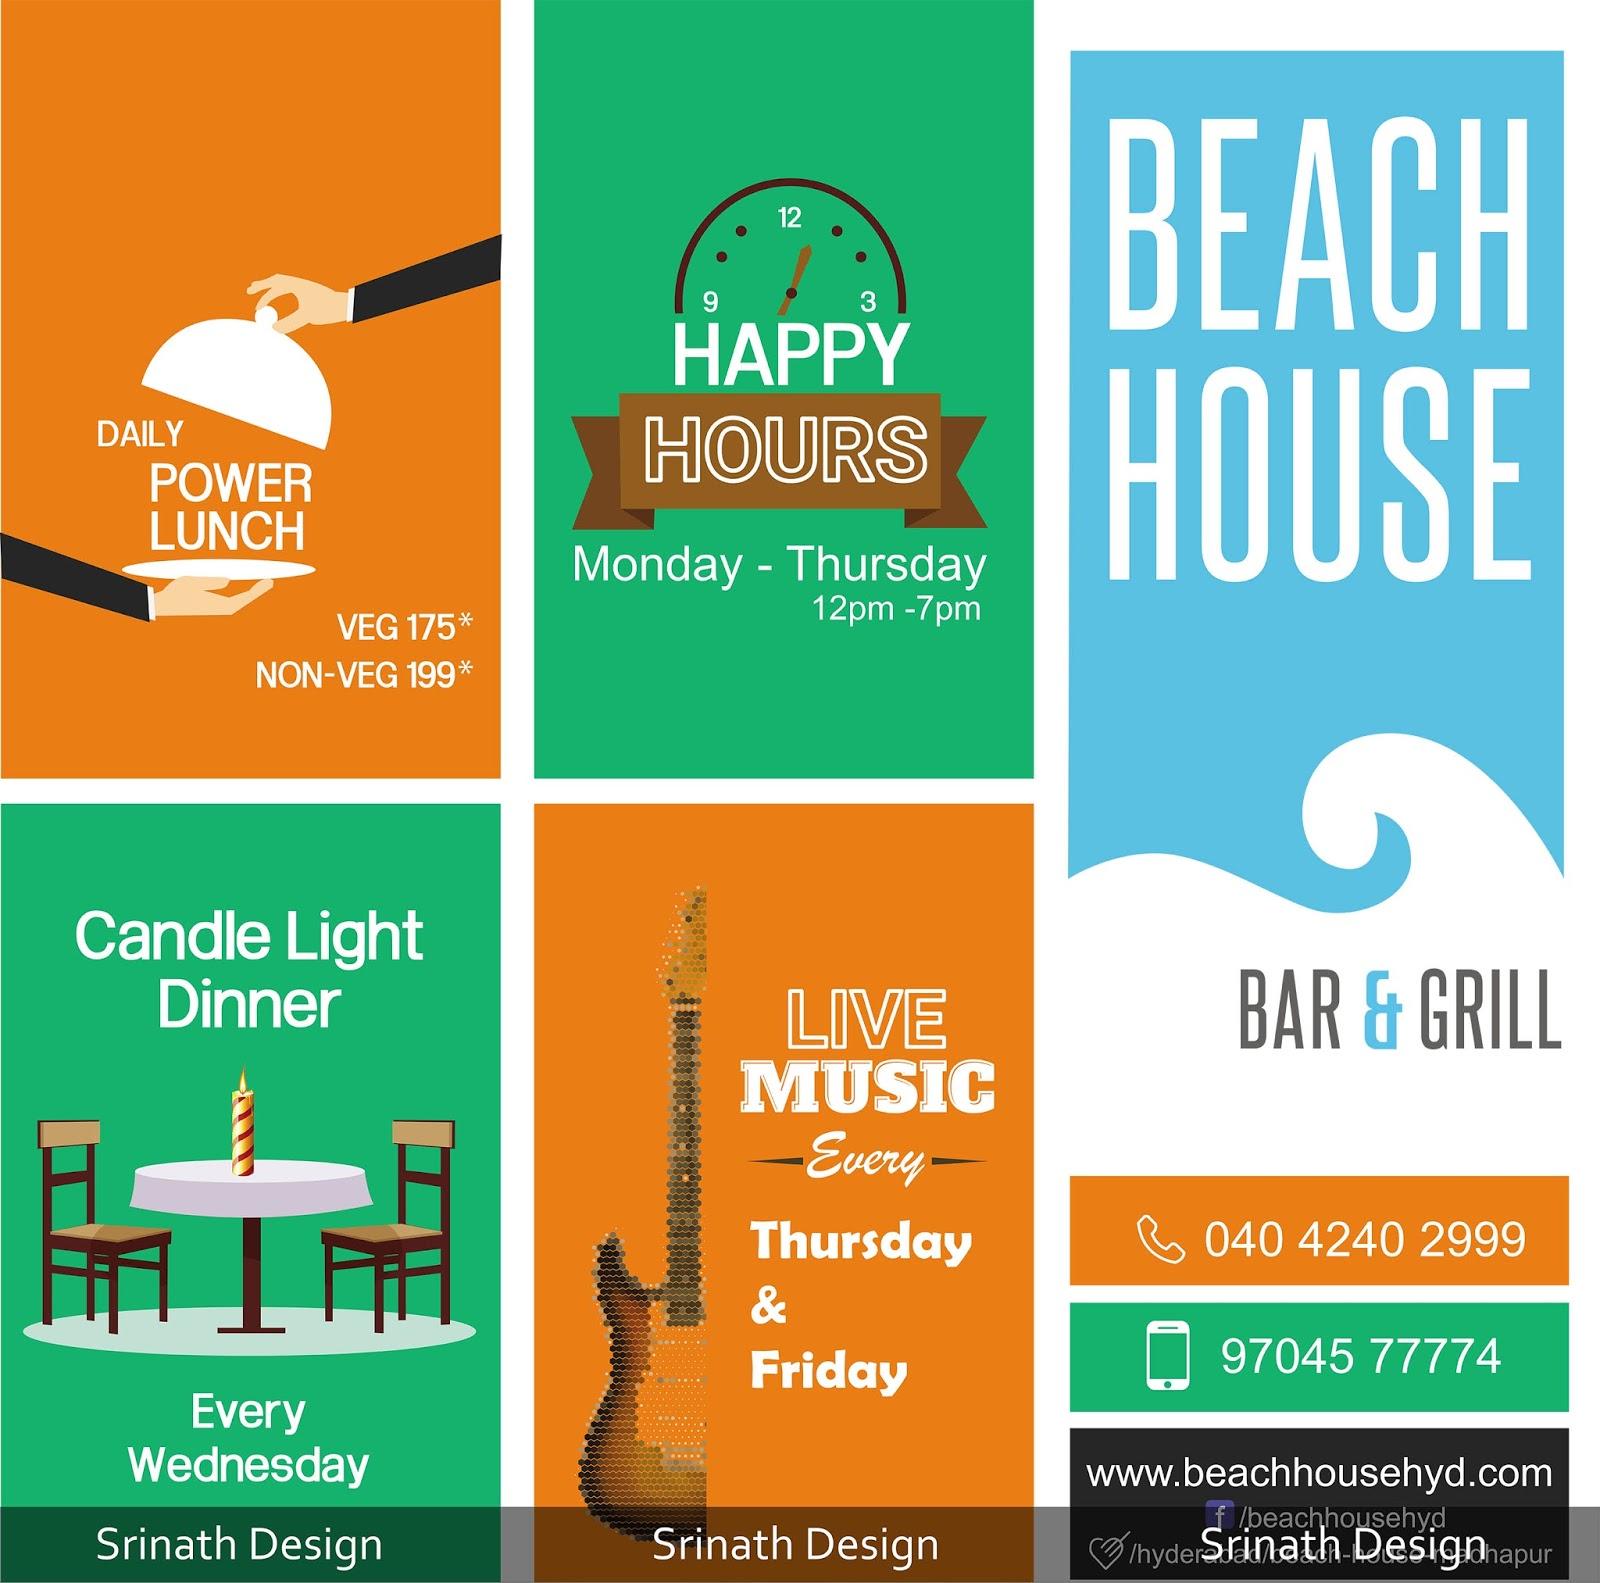 Beach restaurant bar and grill hoarding design